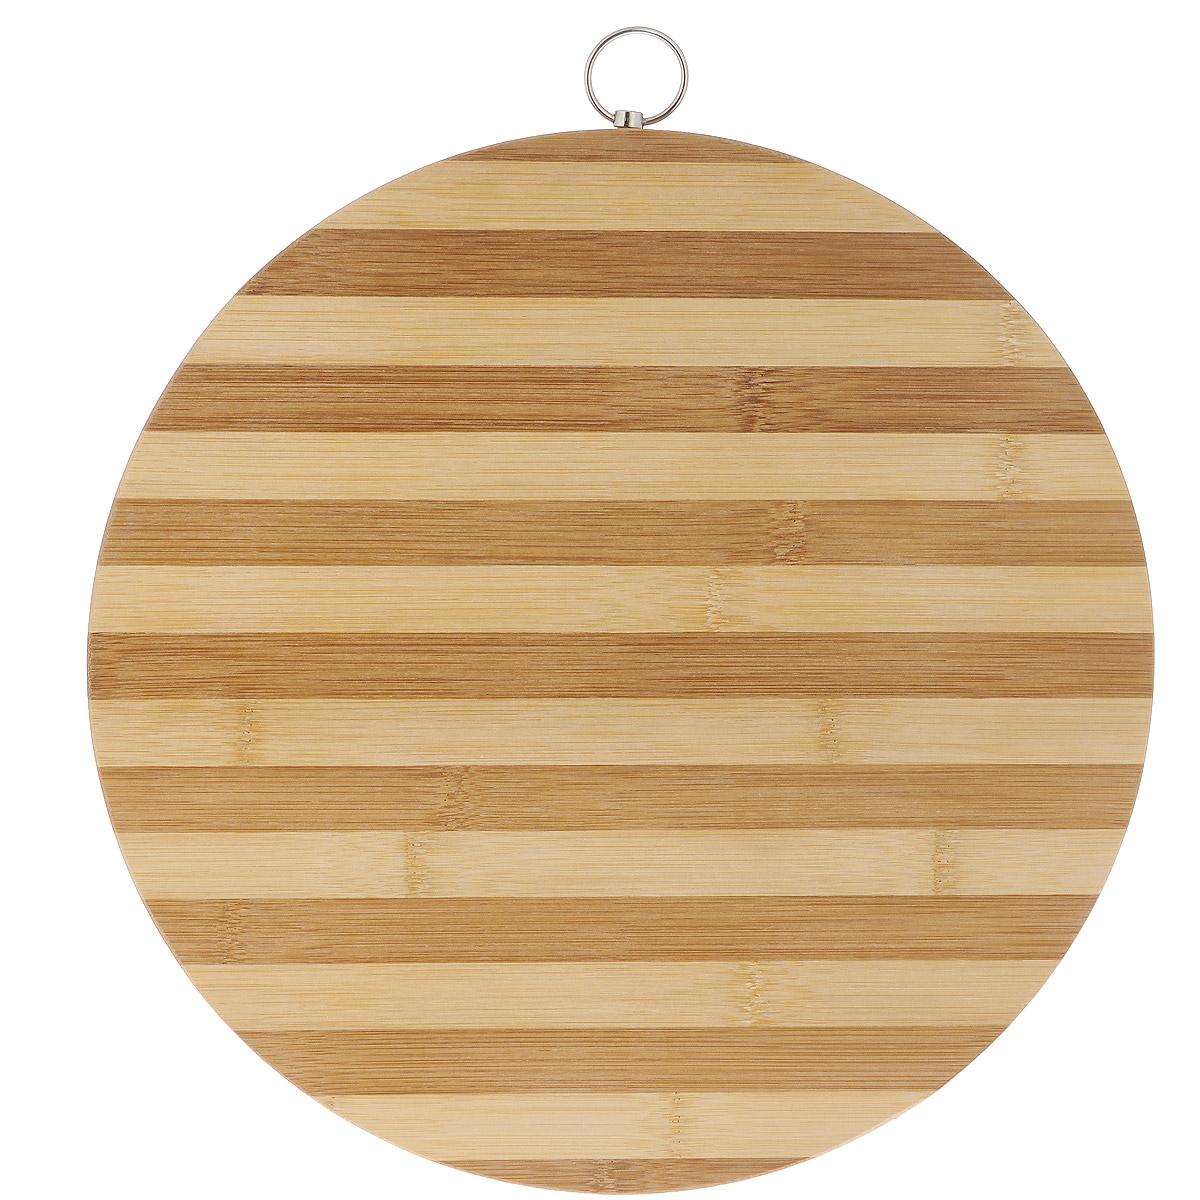 Доска разделочная Bekker, бамбуковая, диаметр 34,5 смBK-9710Круглая разделочная доска Bekker изготовлена из высококачественной древесины бамбука, обладающей антибактериальными свойствами. Бамбук - инновационный материал, идеально подходящий для разделочных досок. Доски из бамбука обладают высокой плотностью структуры древесины, а также устойчивы к механическим воздействиям. Доска оснащена специальной металлической петелькой для подвешивания. Функциональная и простая в использовании, разделочная доска Bekker прекрасно впишется в интерьер любой кухни и прослужит вам долгие годы.